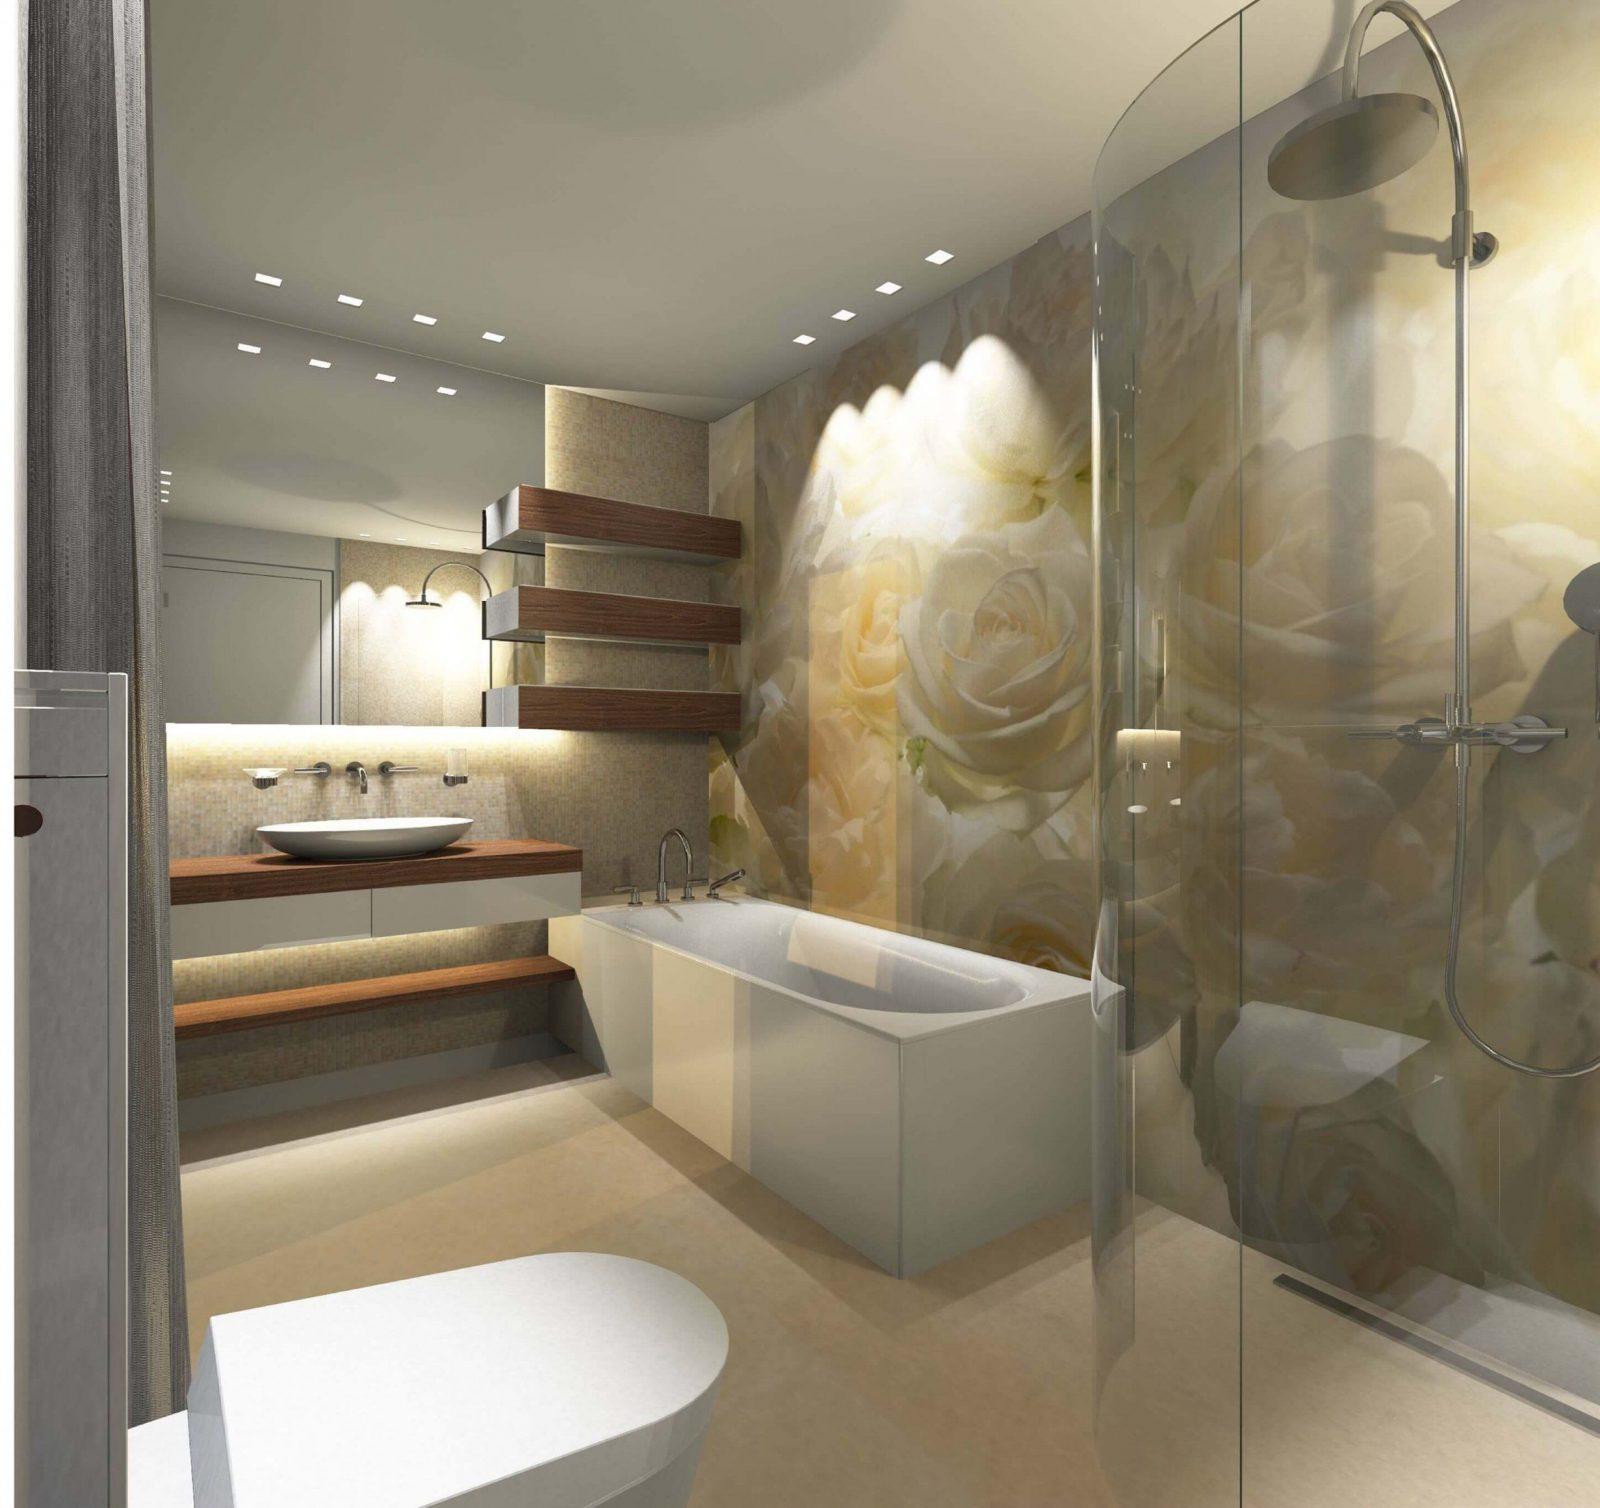 Badplanung 2018 Funktionalität Und Design Luxuriös Kombiniert Von Badezimmer  Beispiele 10 Qm Bild